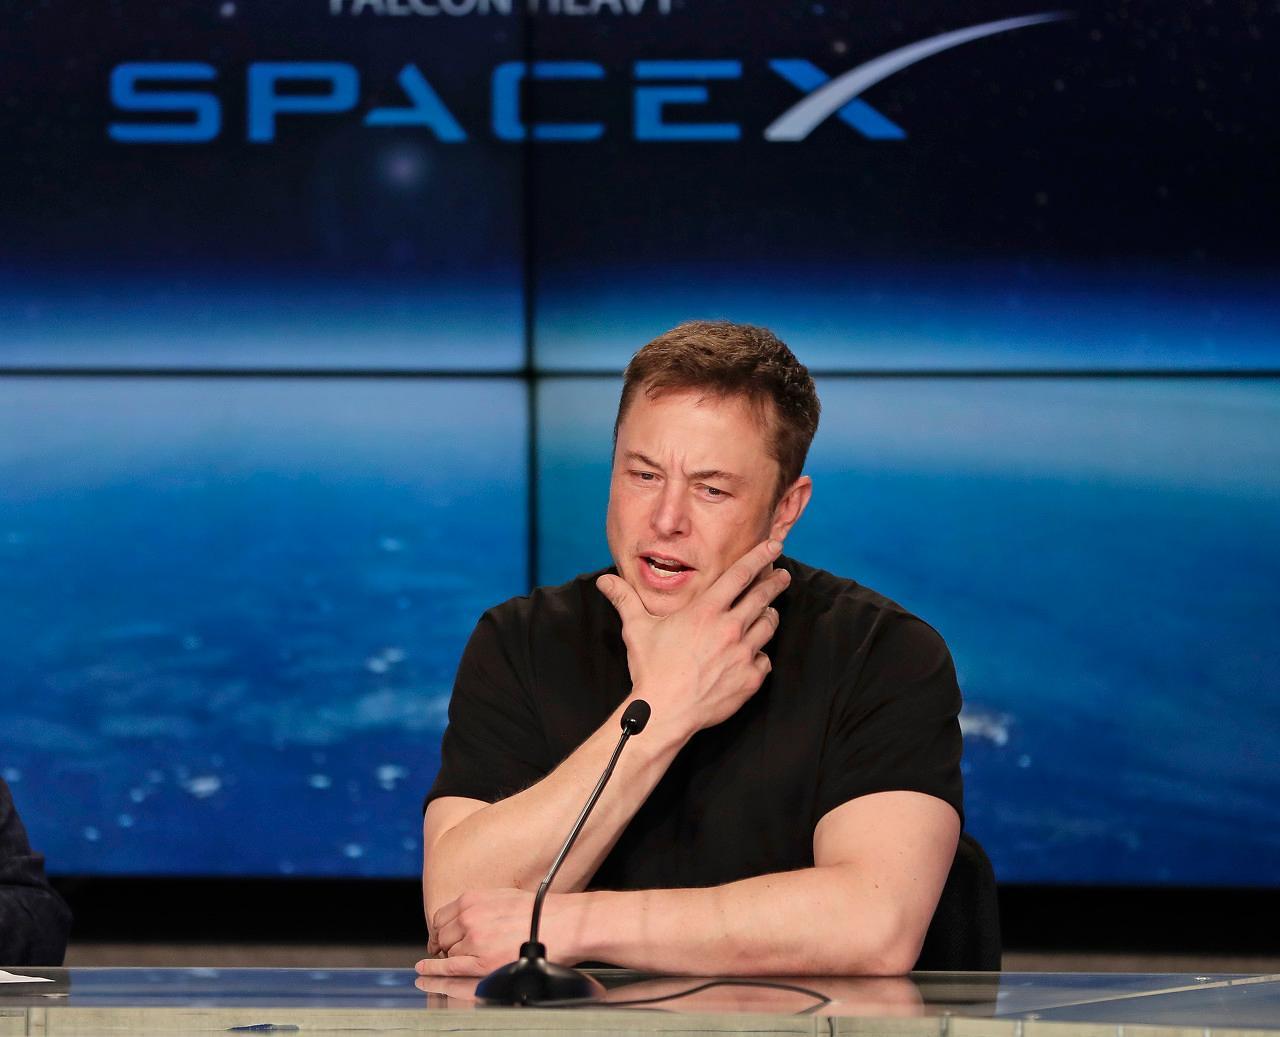 马斯克今发布最强宇宙飞船!半年内密集试飞,冲刺星际旅行